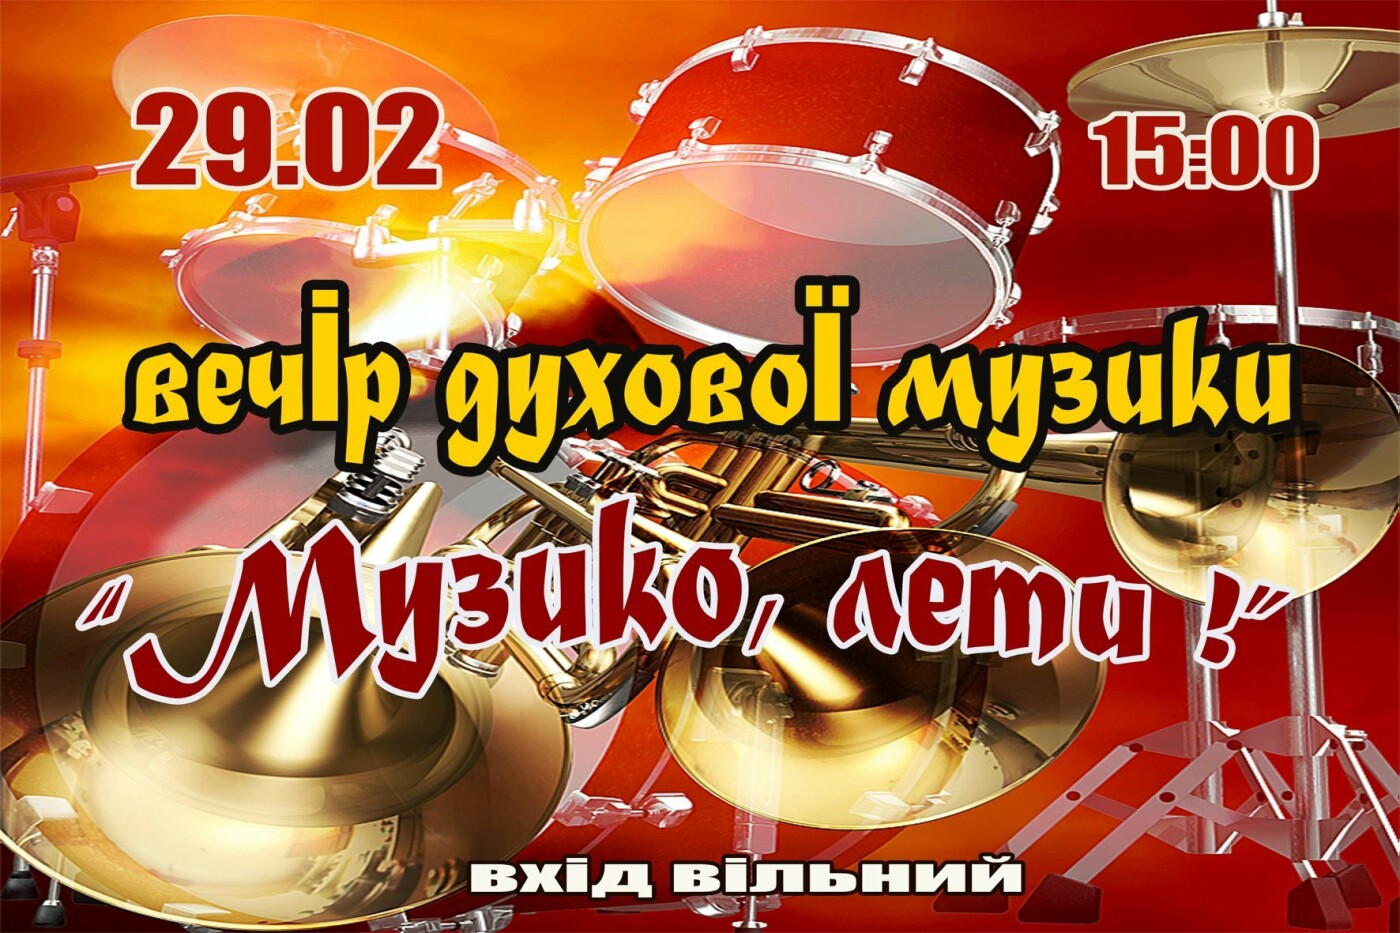 Костянтинівців запрошують на вечір духової музики в стилі ретро, фото-1